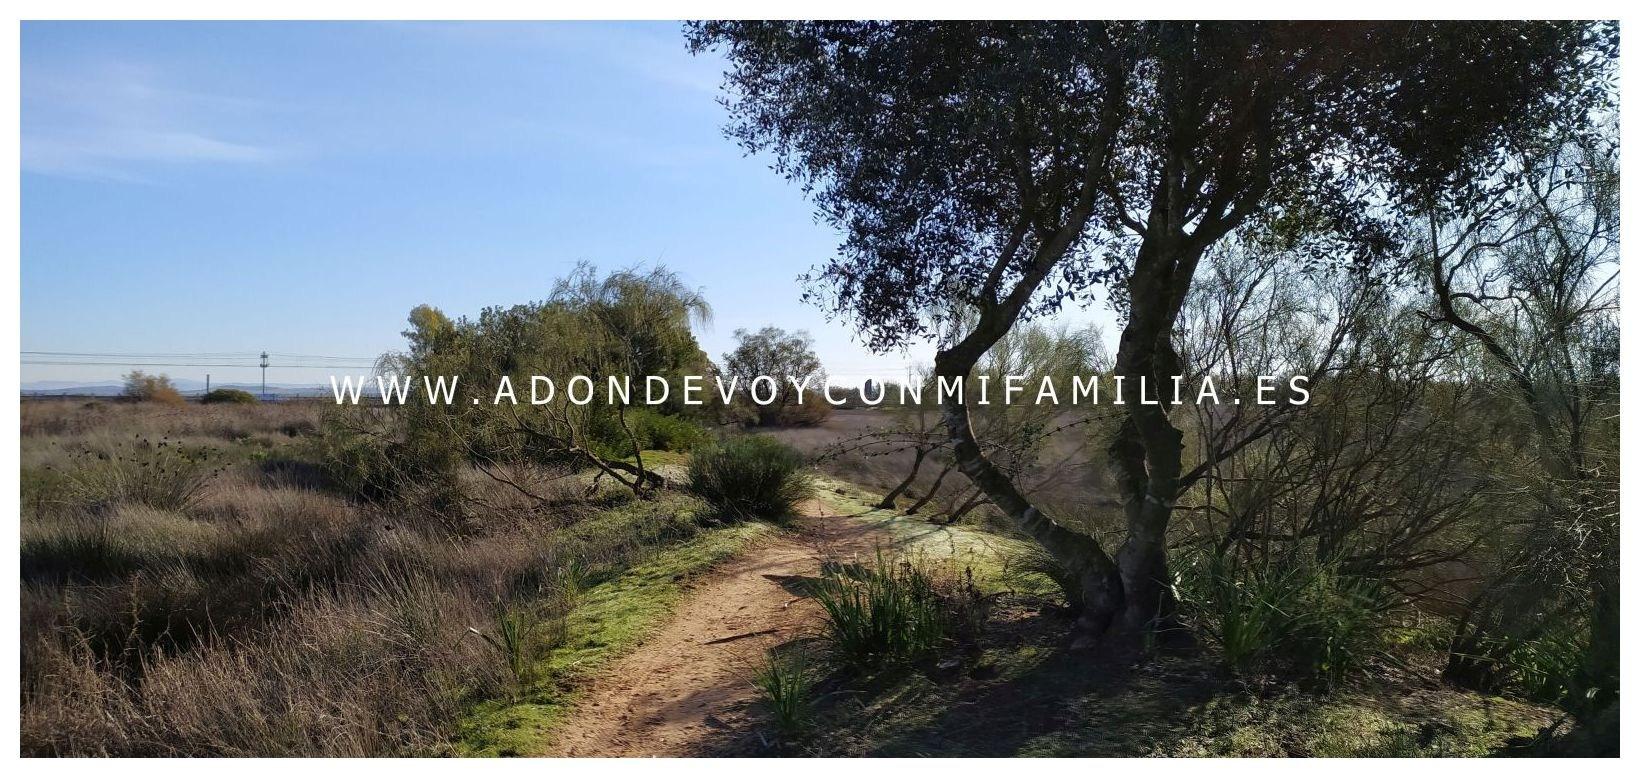 sendero-pinar-de-la-algaida-Adondevoyconmifamilia-19